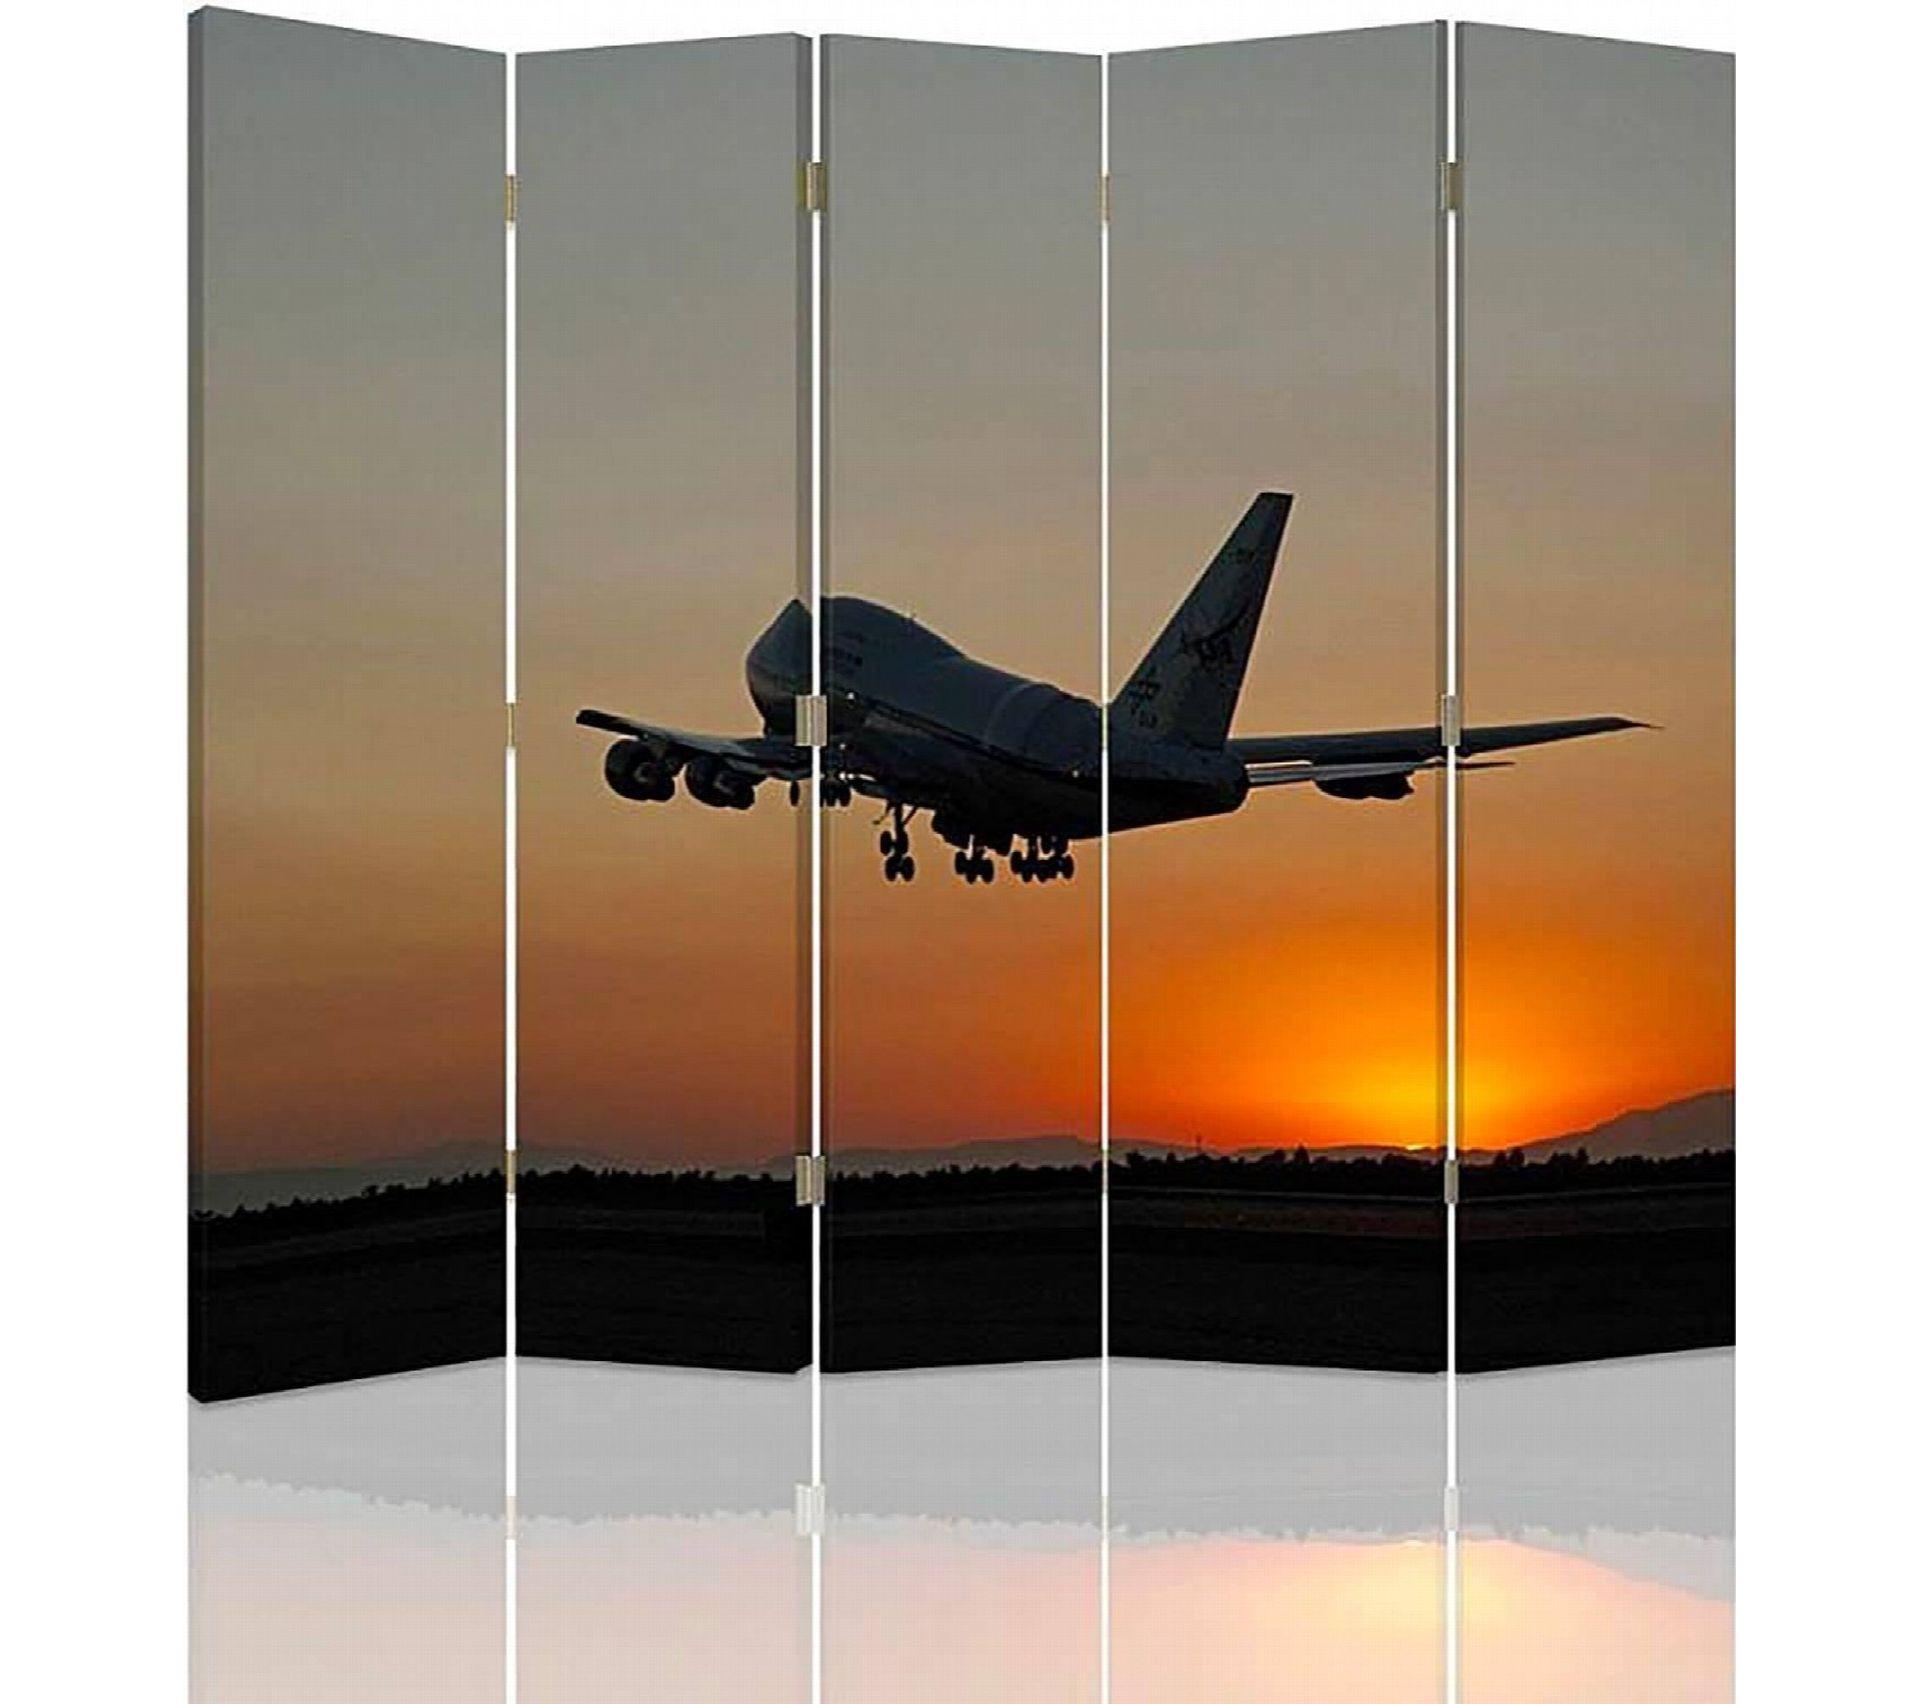 Etagere Avion Chambre Bebe paravent 5 volets diviseur de chambre, la nuit avion 180 x 150 cm - 1 face  déco